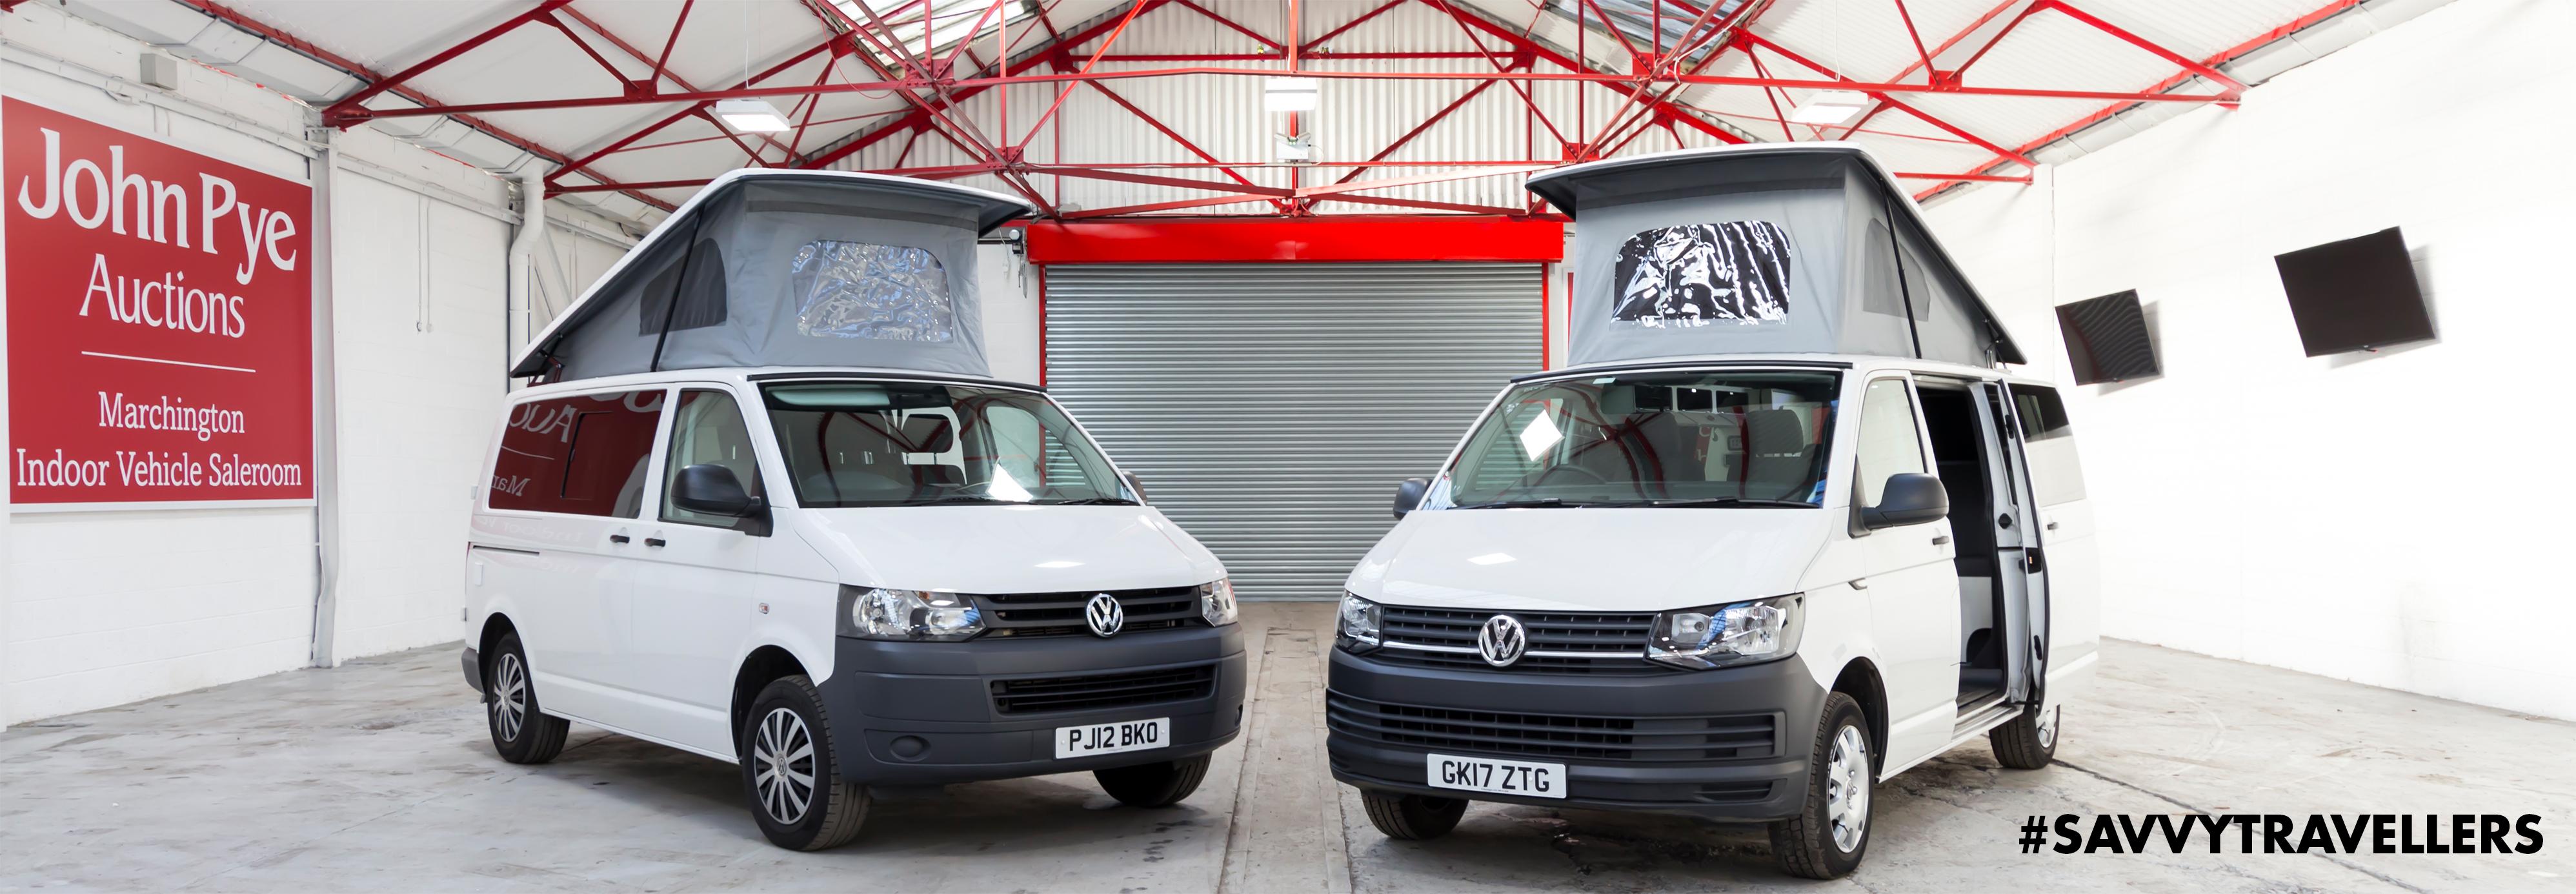 Camper Vans for Savvy Travellers - John Pye